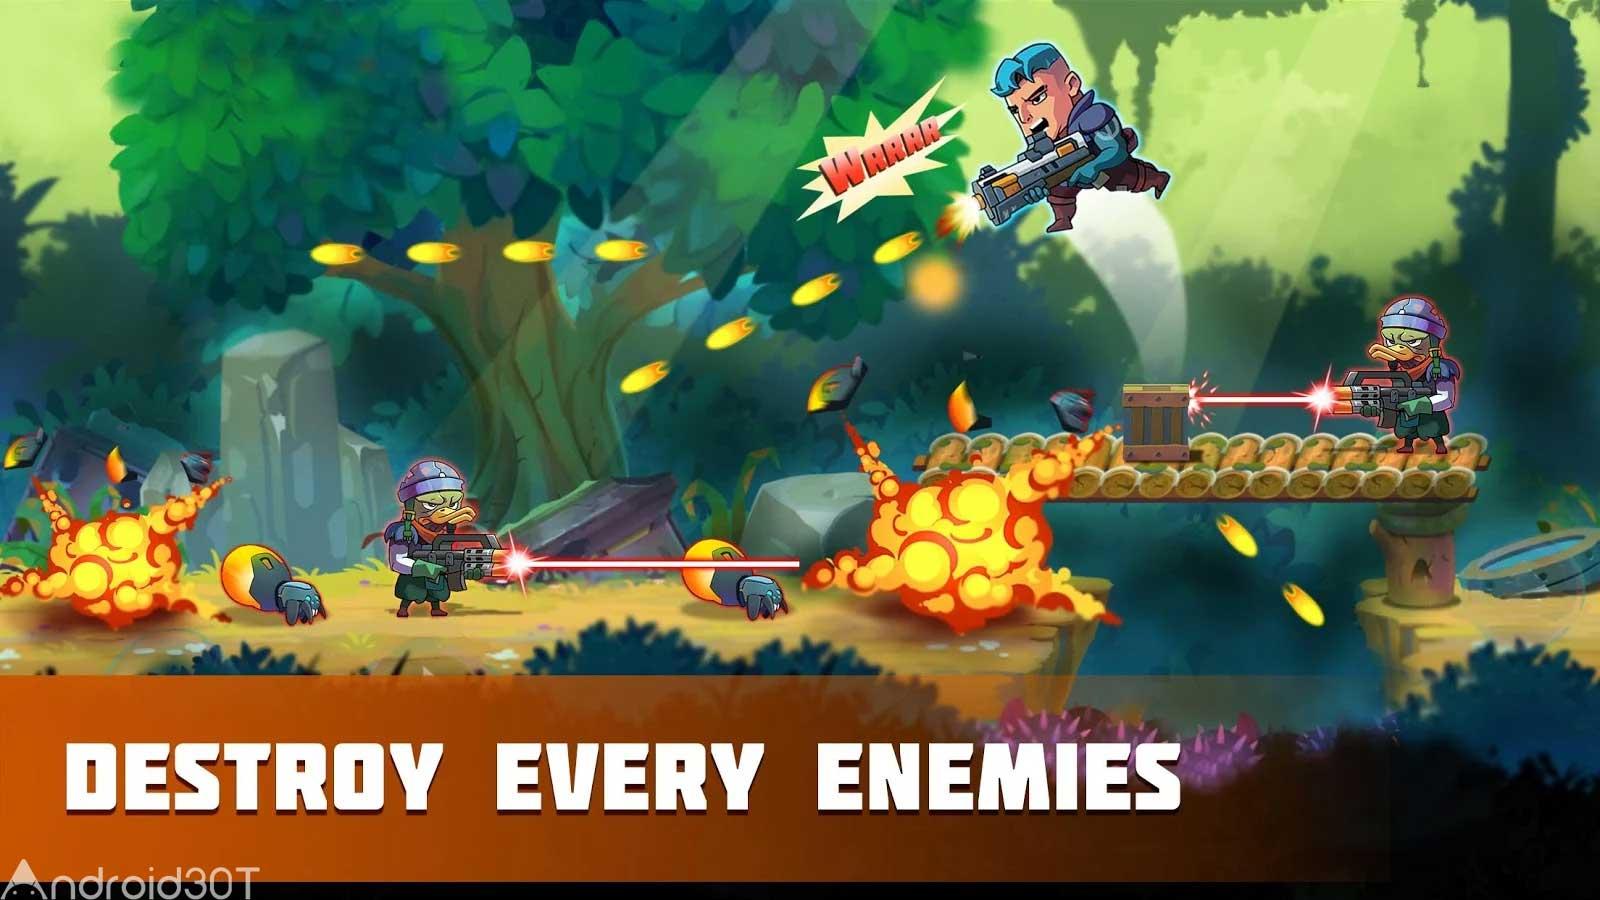 دانلود Metal Strike War: Gun Solider Shooting Games 1.9 – بازی سرباز تیرانداز اندروید